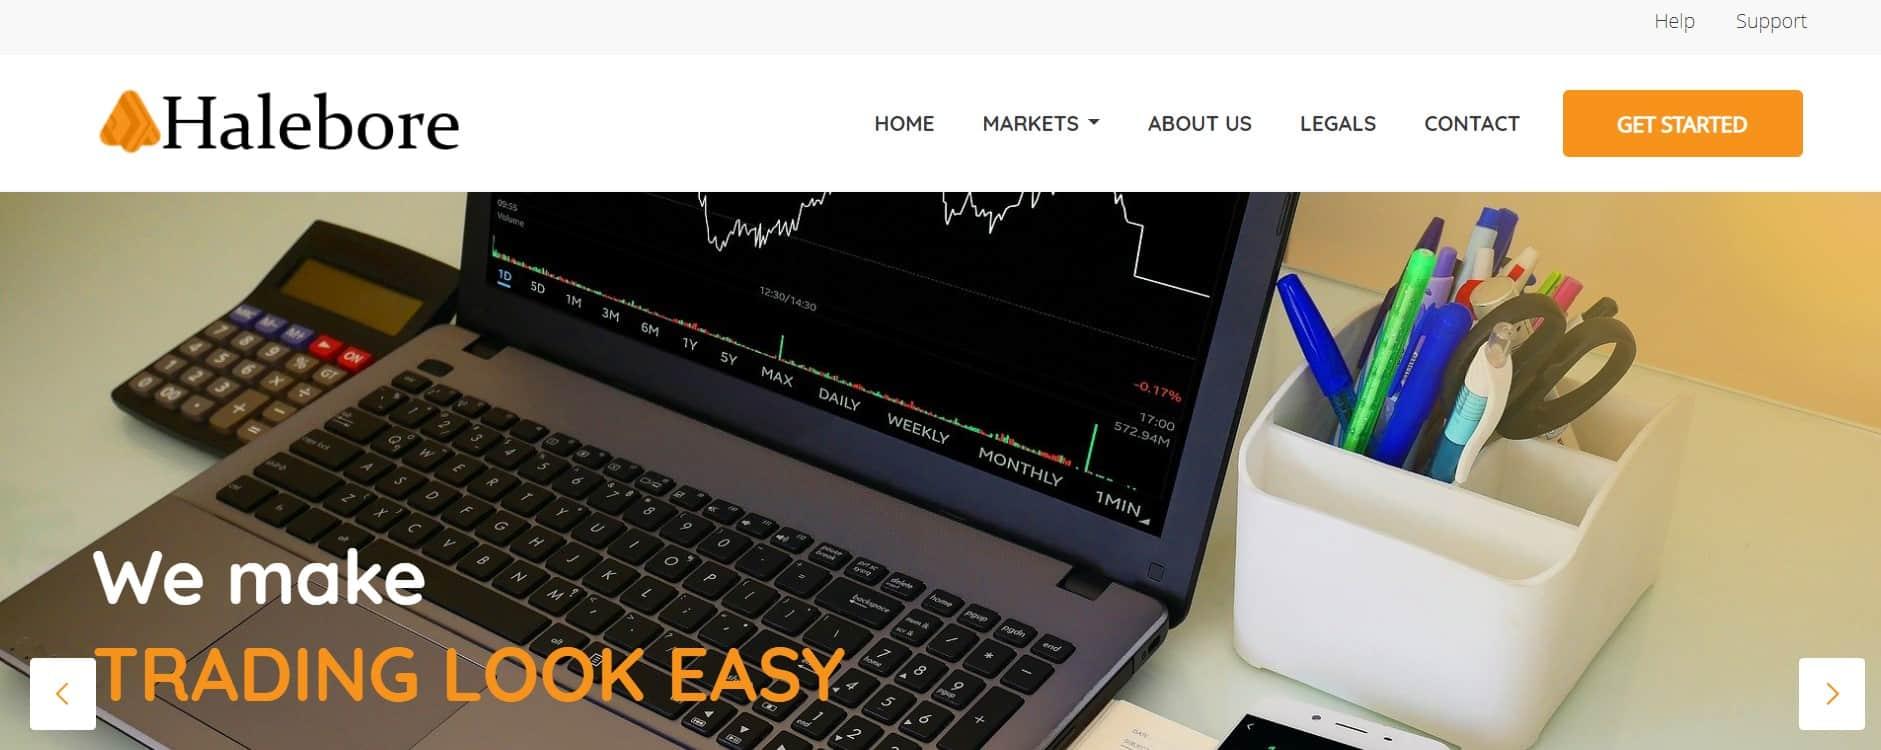 Halebore website